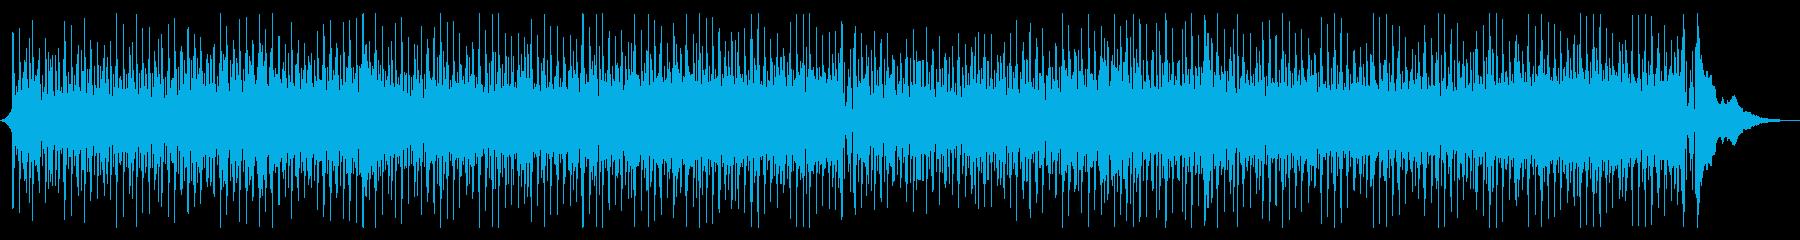 【ニュース】ニュース番組向け分析・解説Gの再生済みの波形